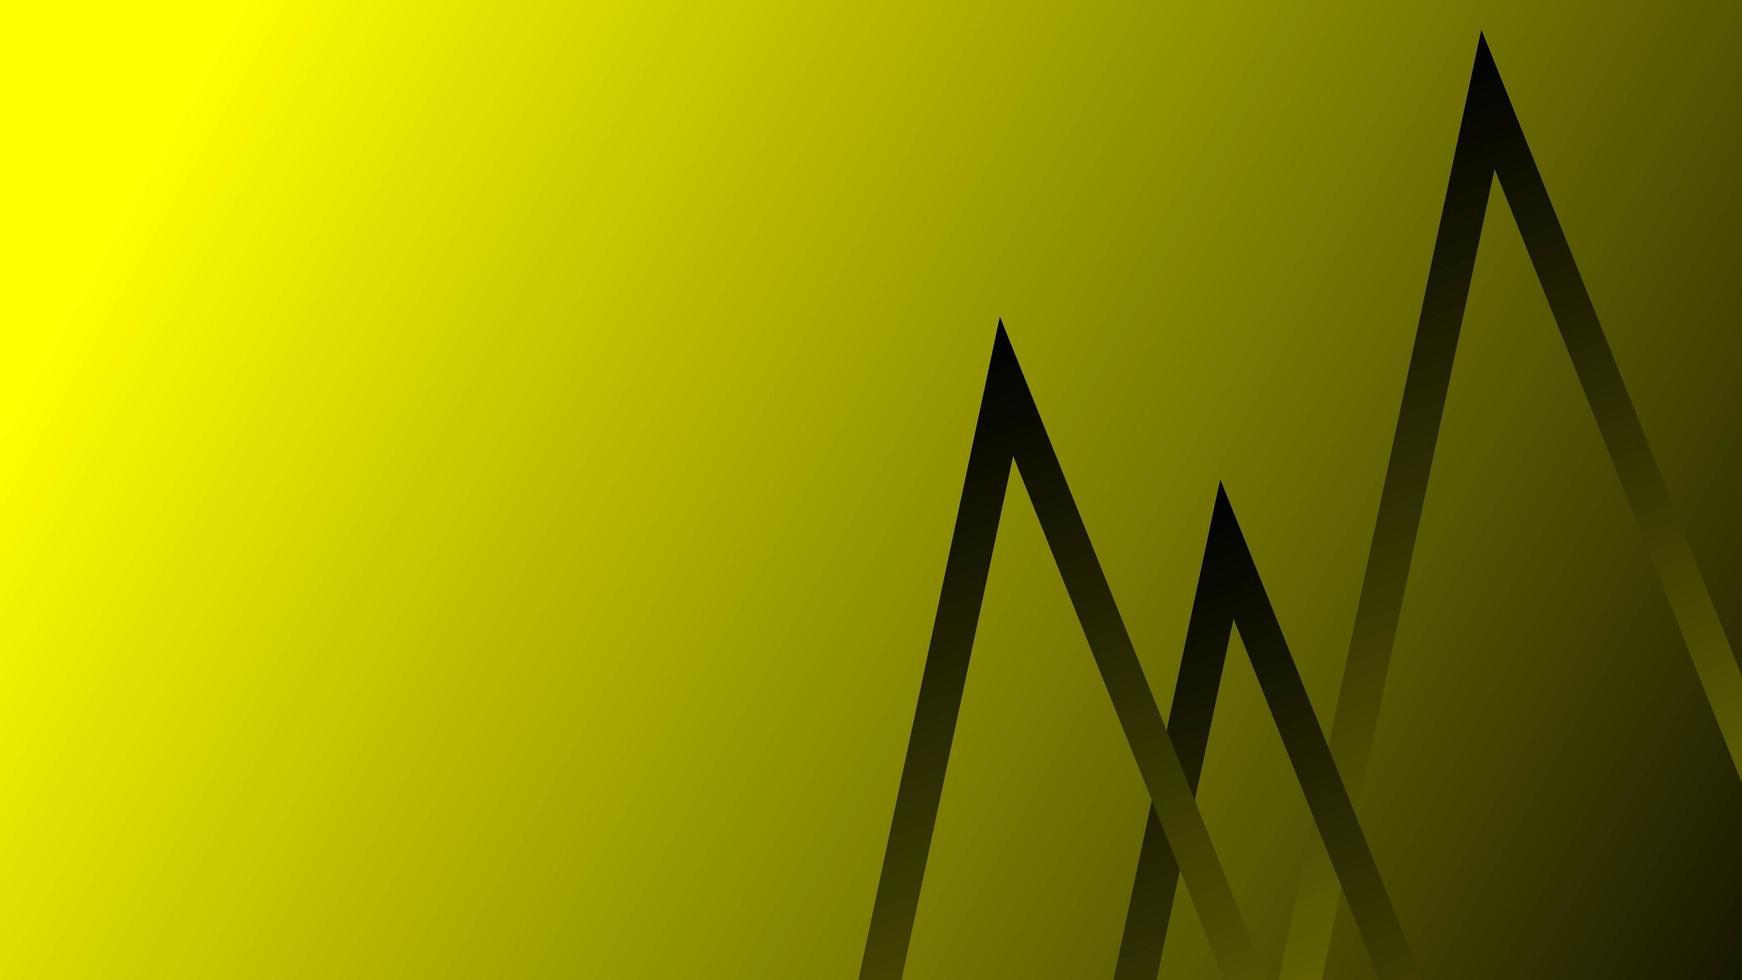 abstrait de lignes de couleur jaune foncé vecteur